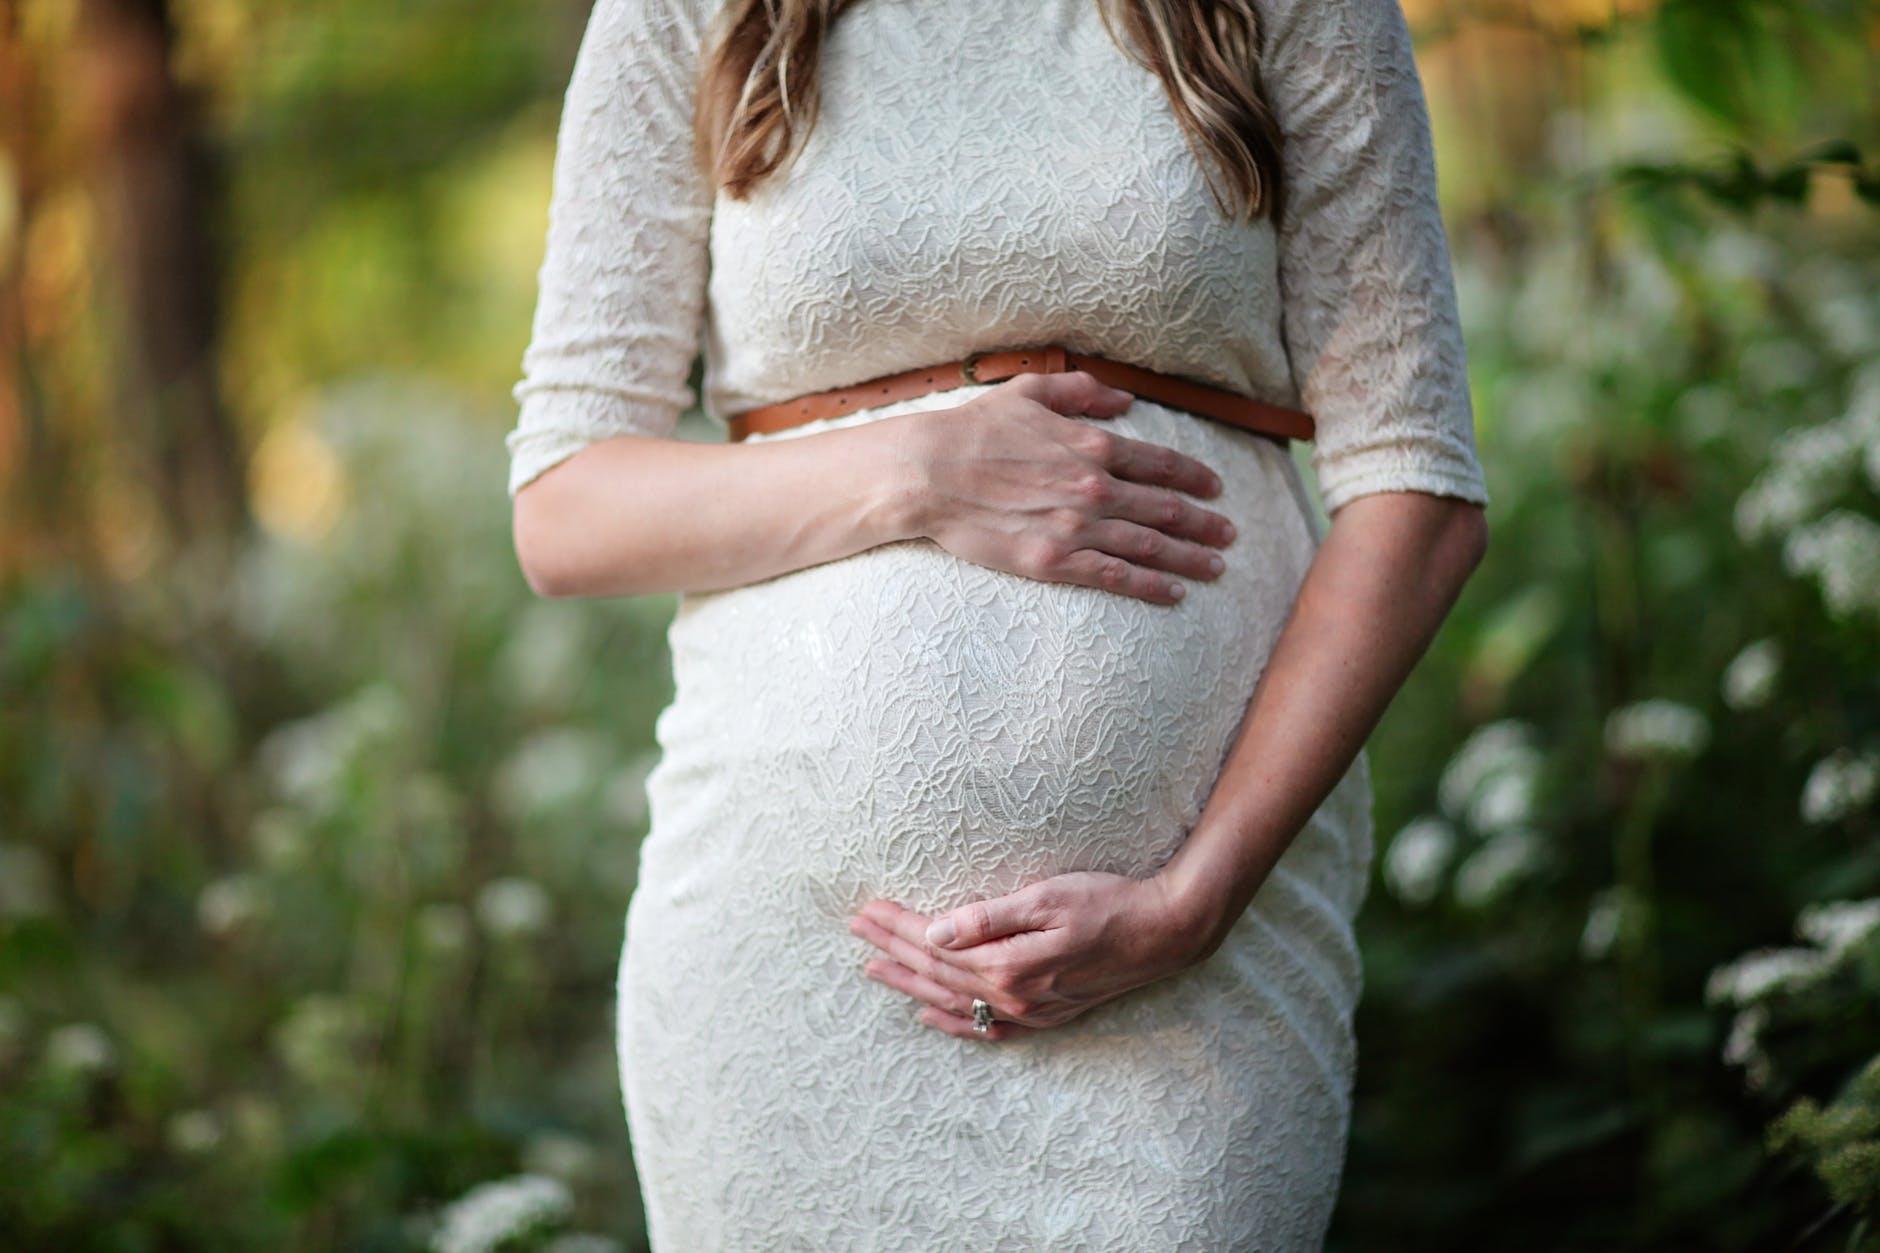 Kelebihan Wanita Hamil Berpuasa